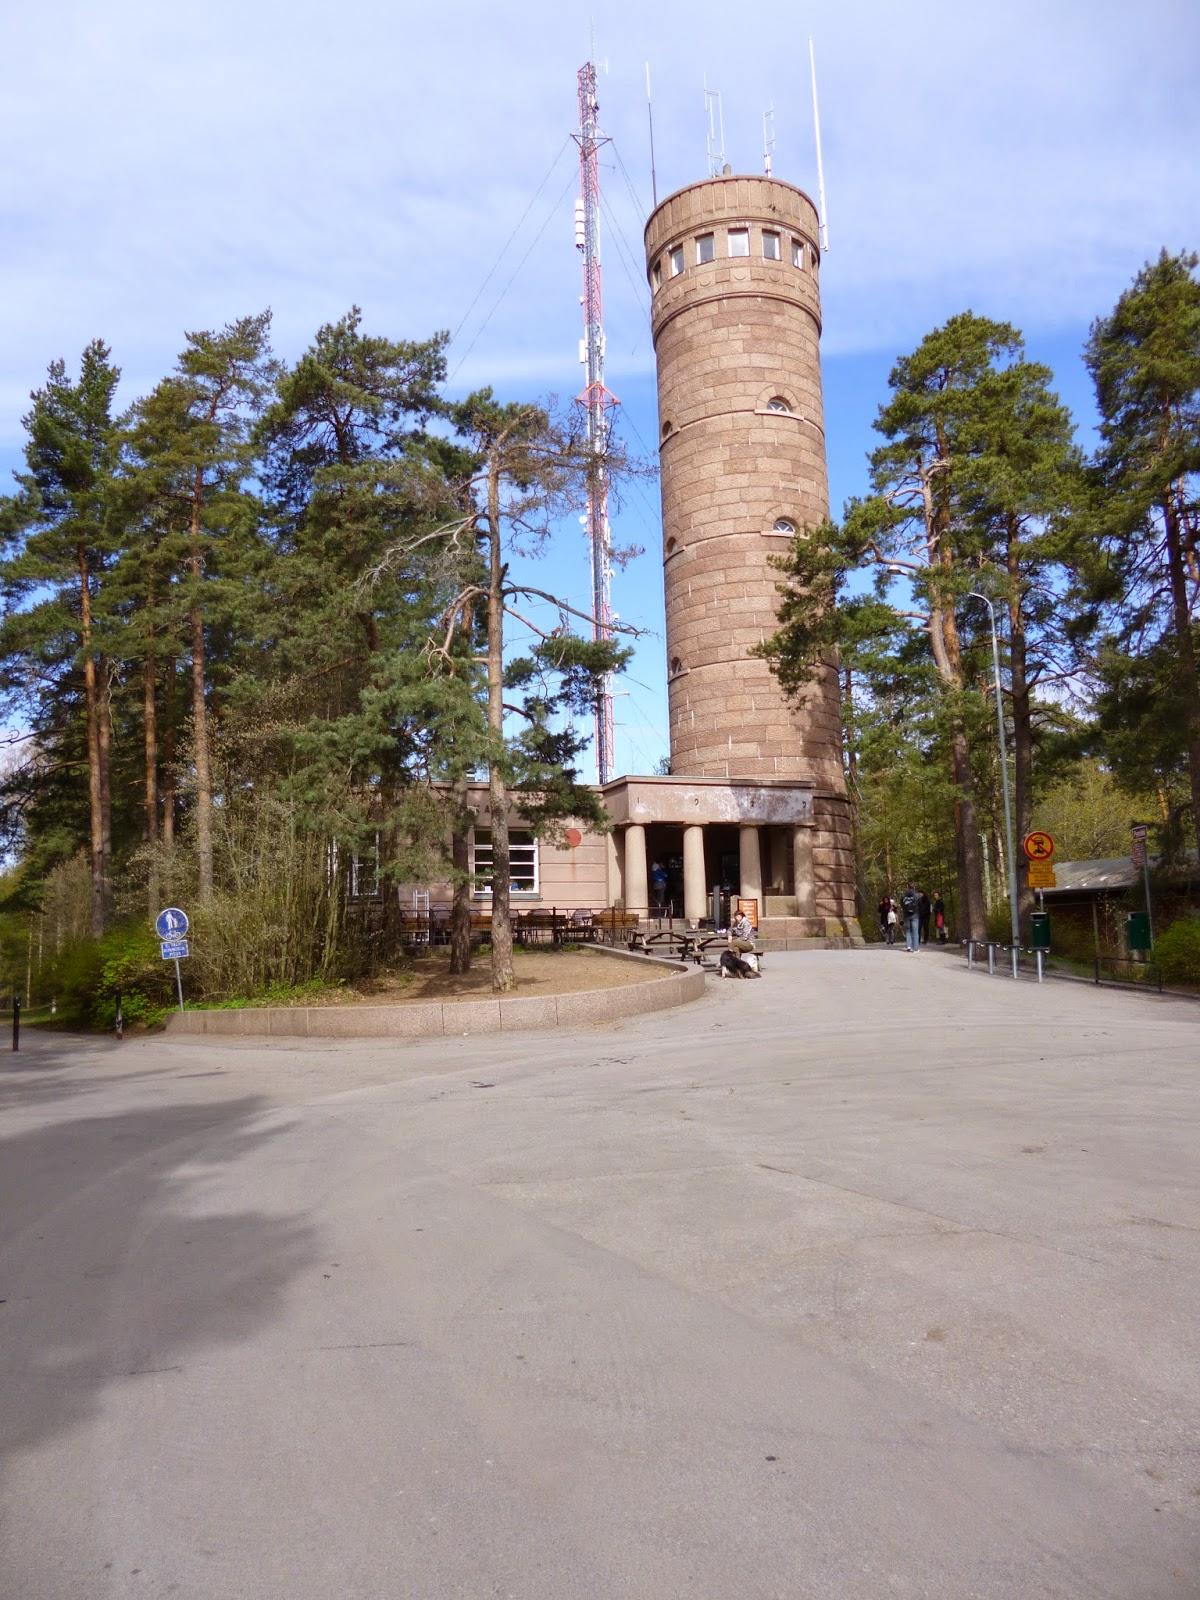 Tampere-pyynikki